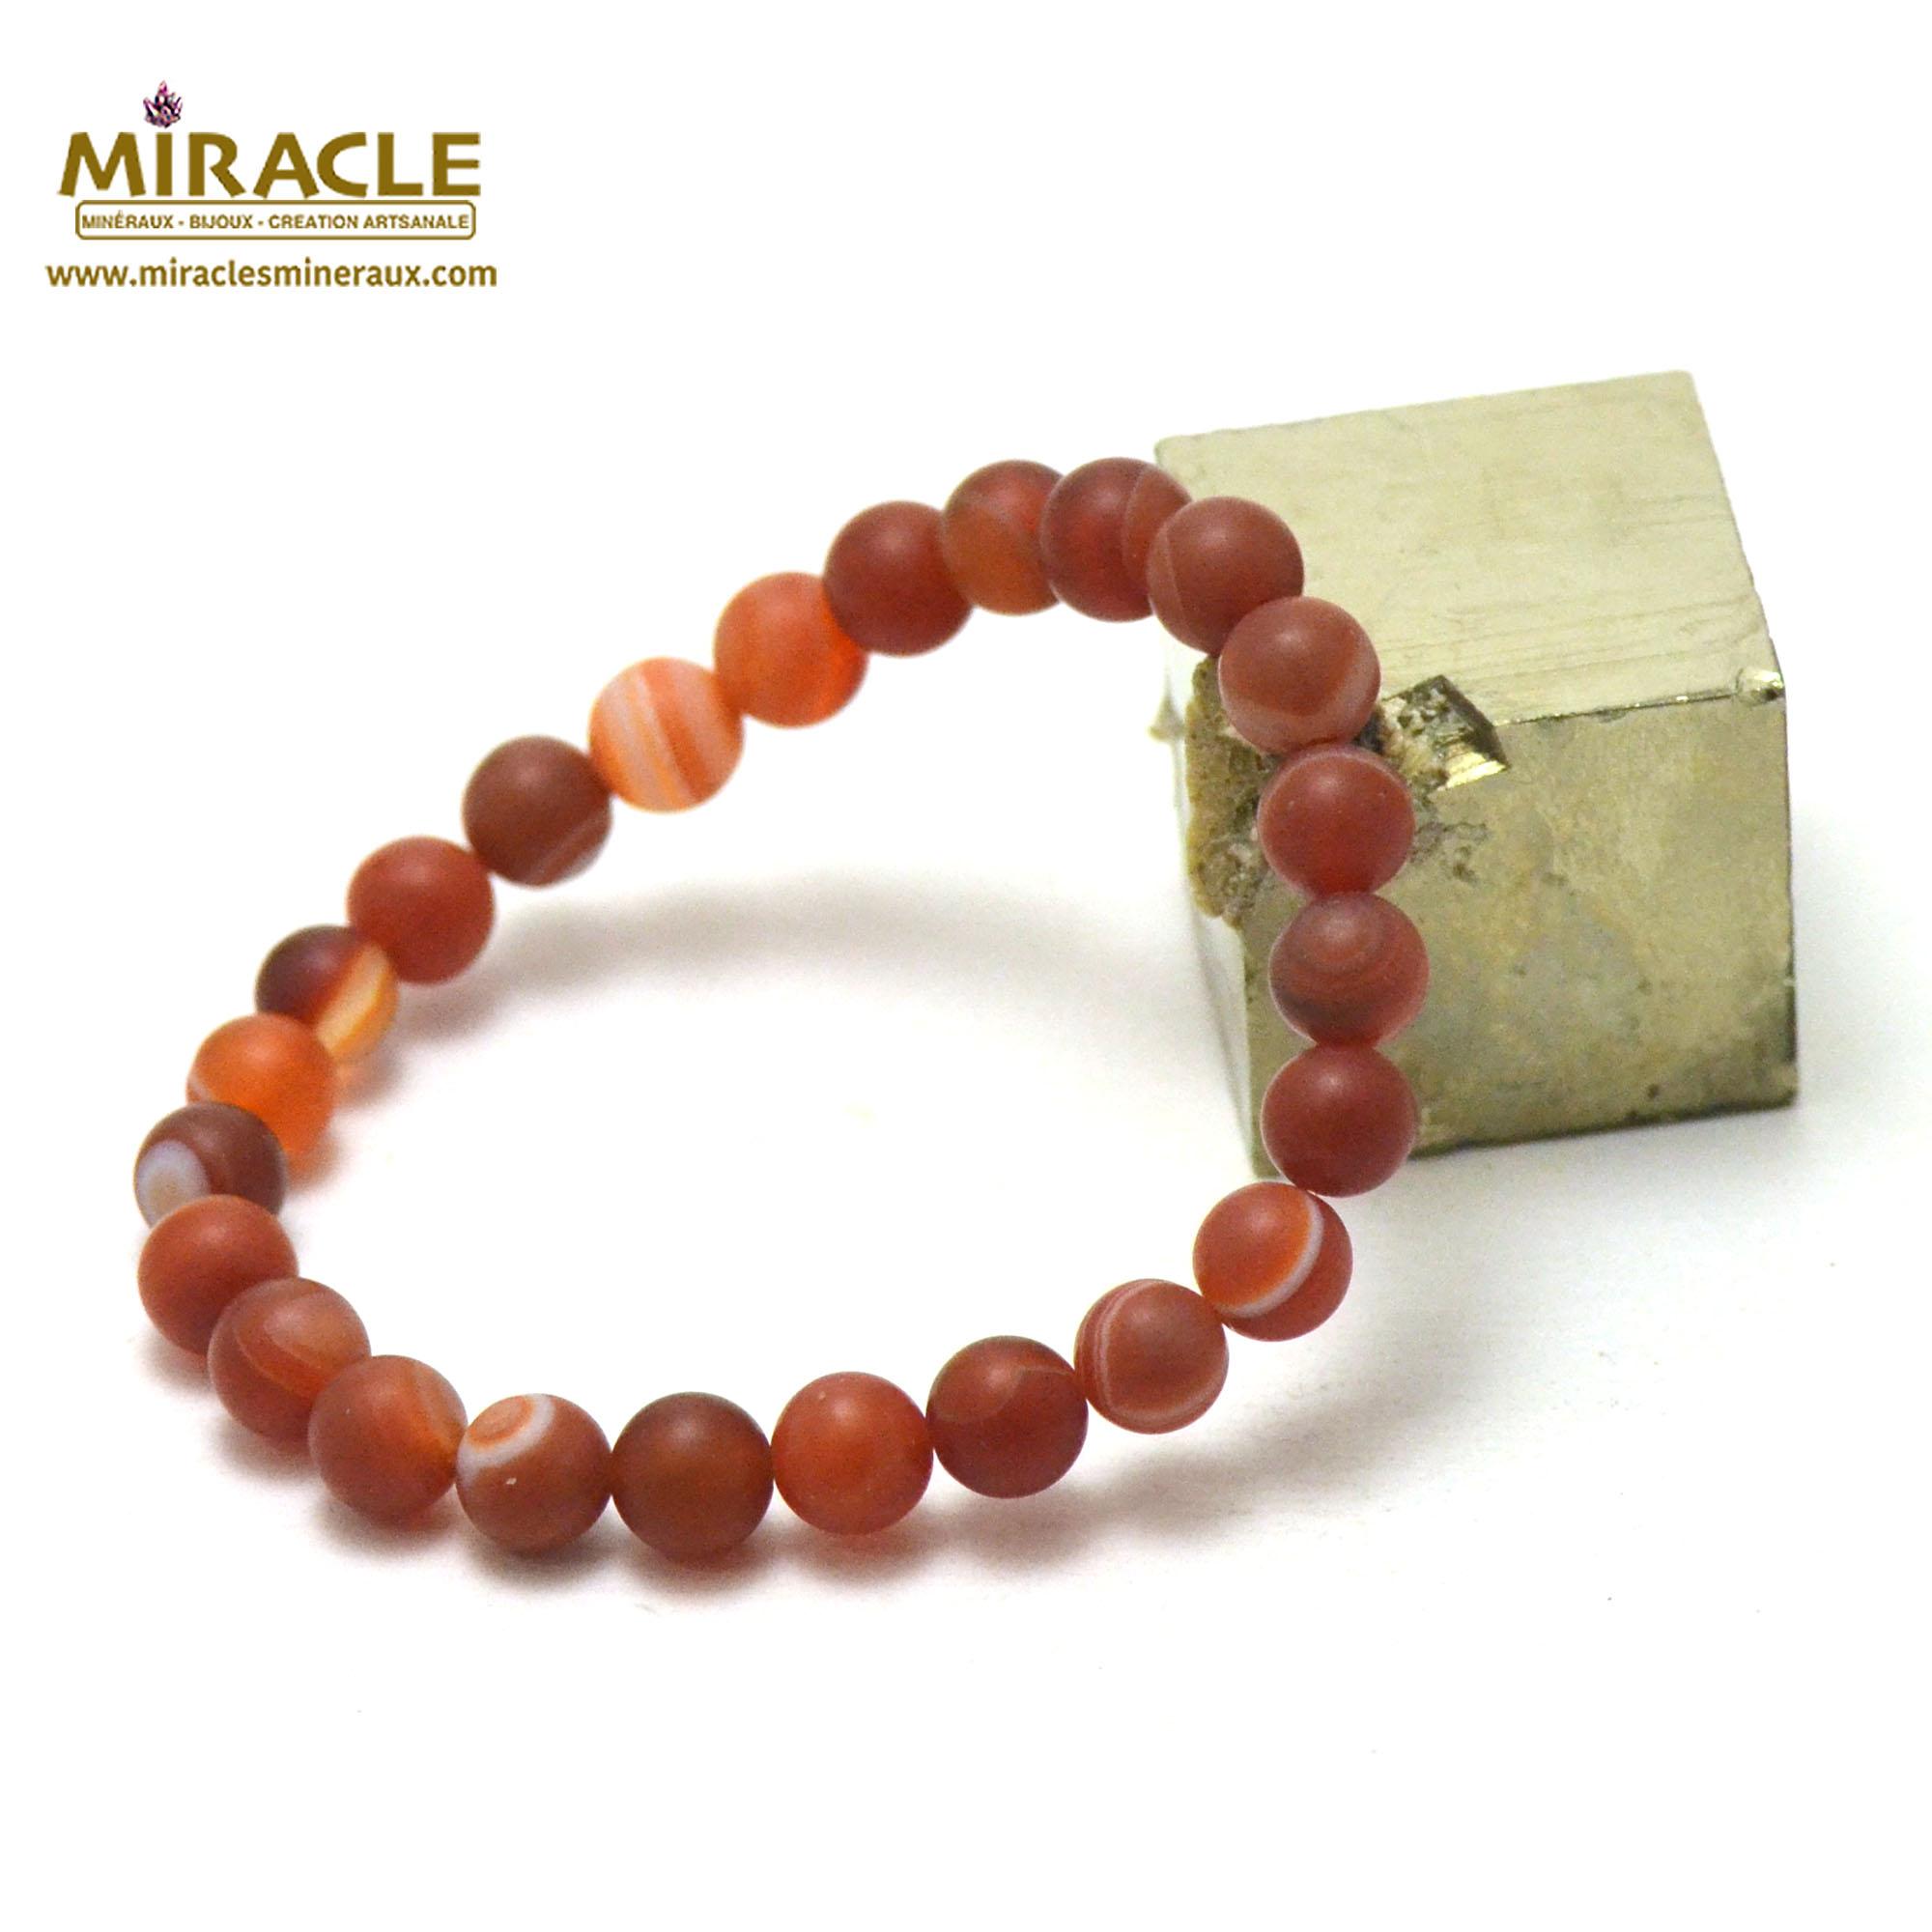 Bracelet cornaline givré perle mat ronde 8 mm